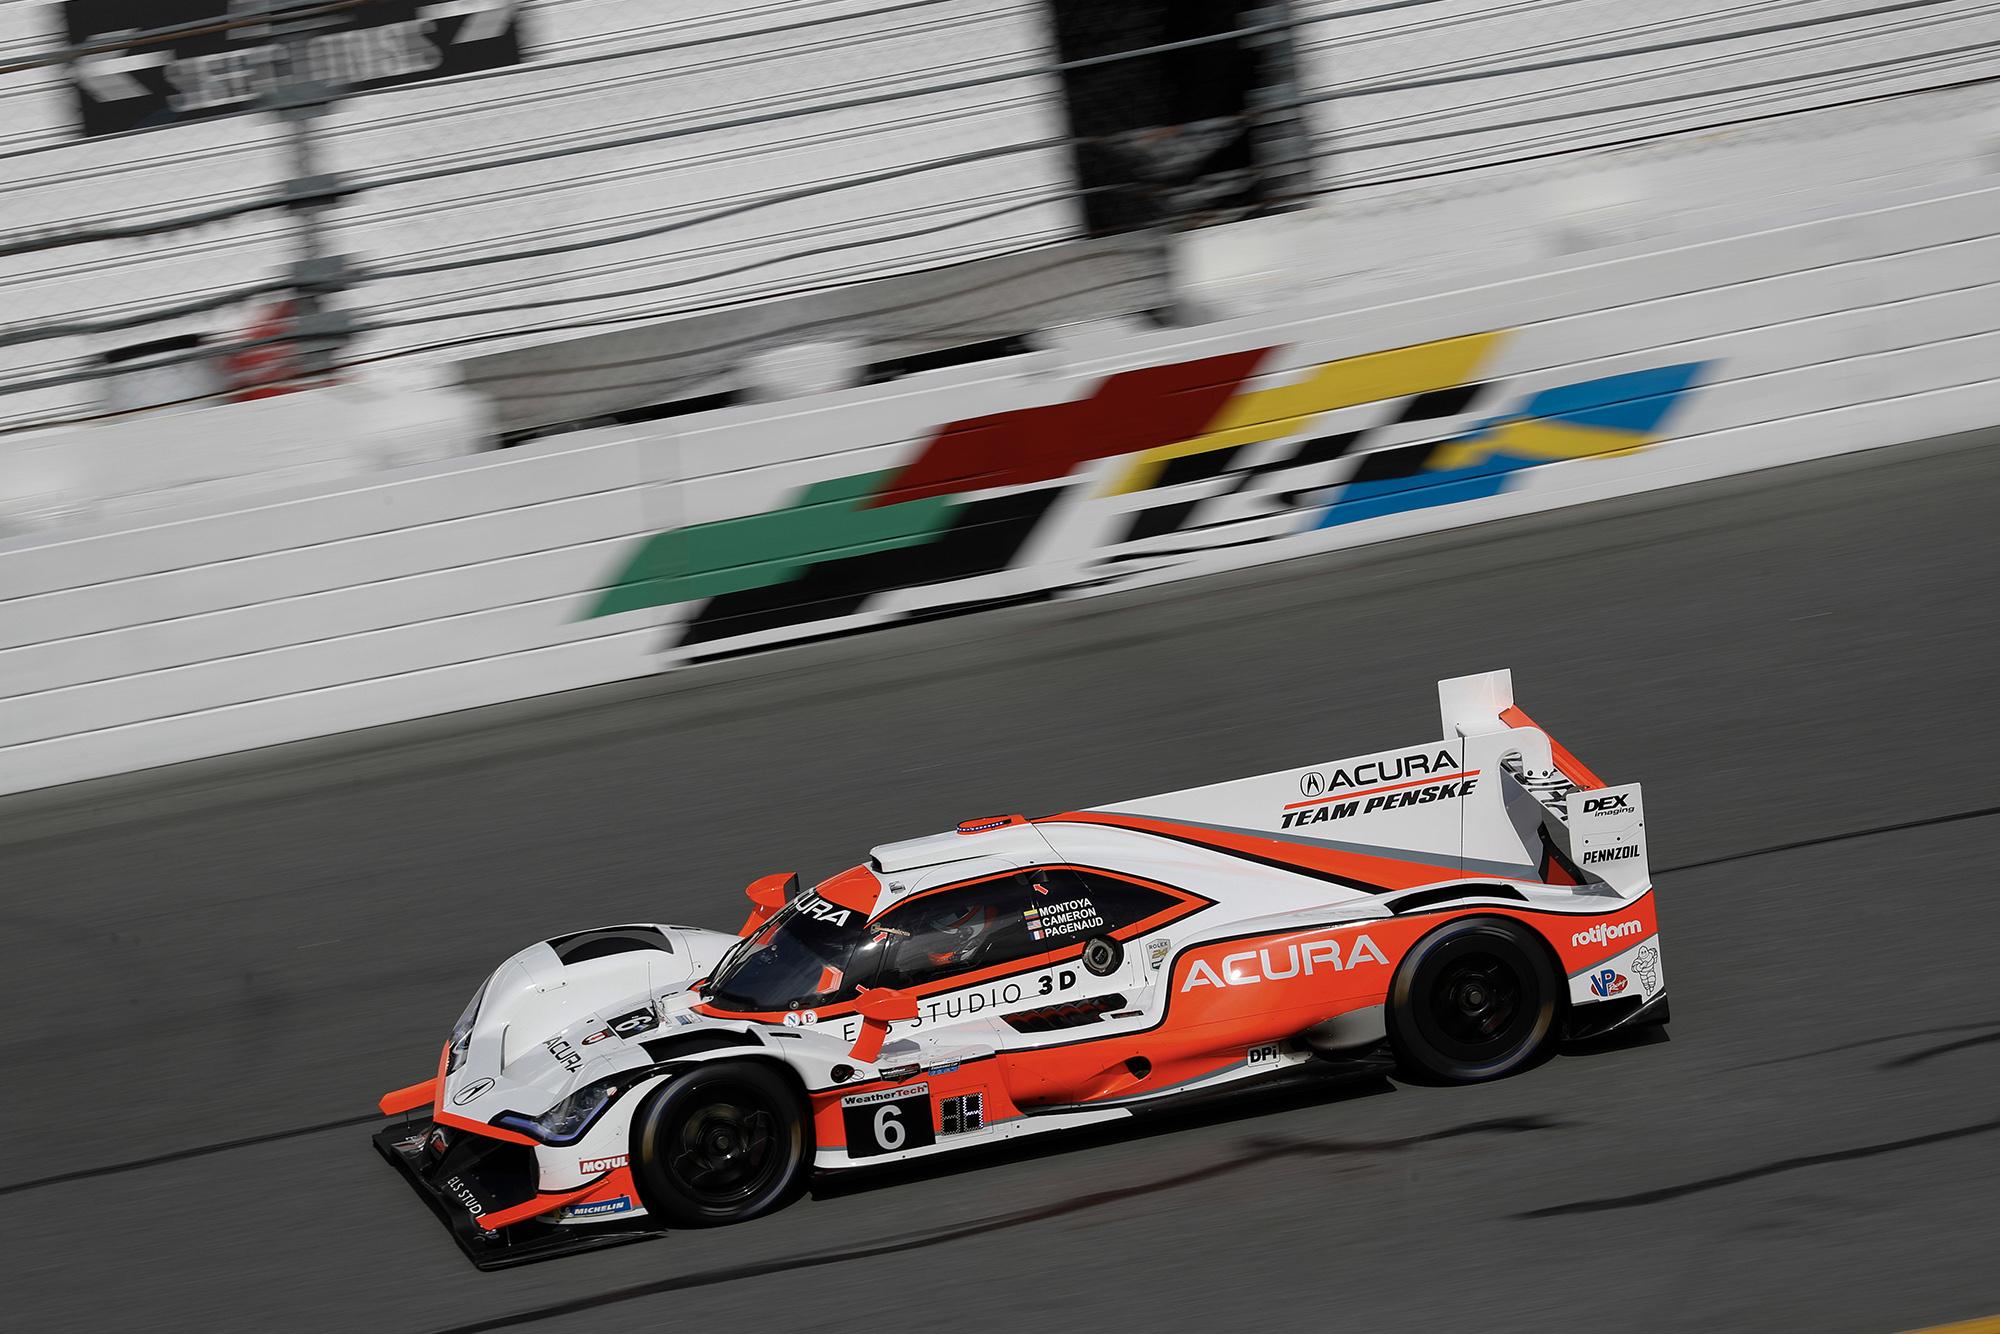 Juan Pablo Montoya's Acura Team Penske on track at the 2020 Daytona 24